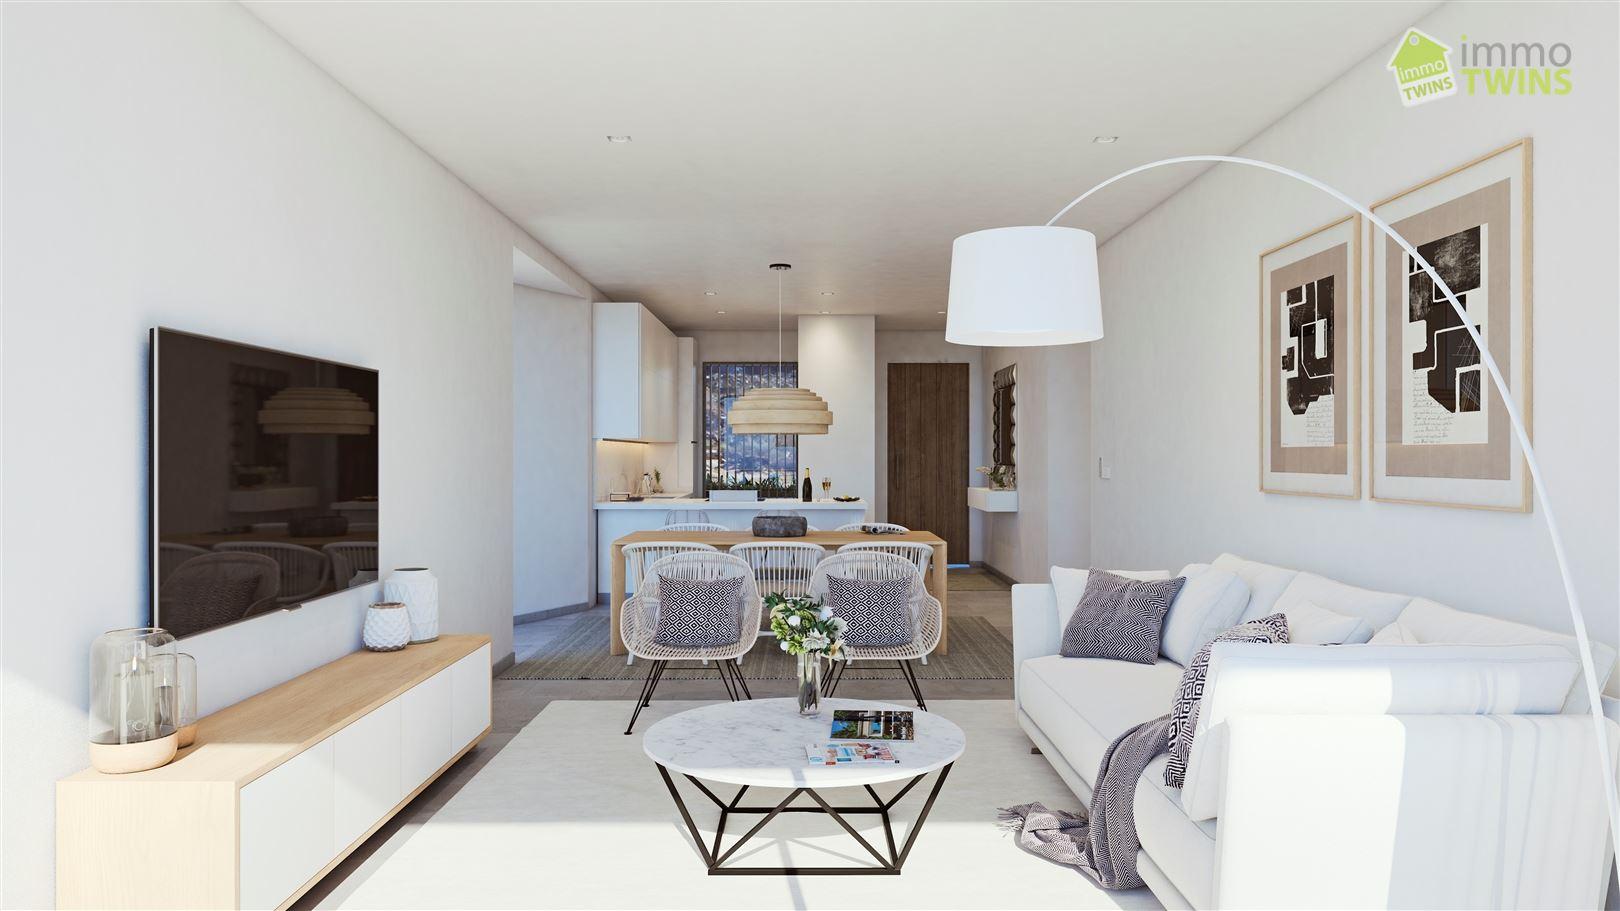 Foto 6 : Appartement te   (Spanje) - Prijs Prijs op aanvraag